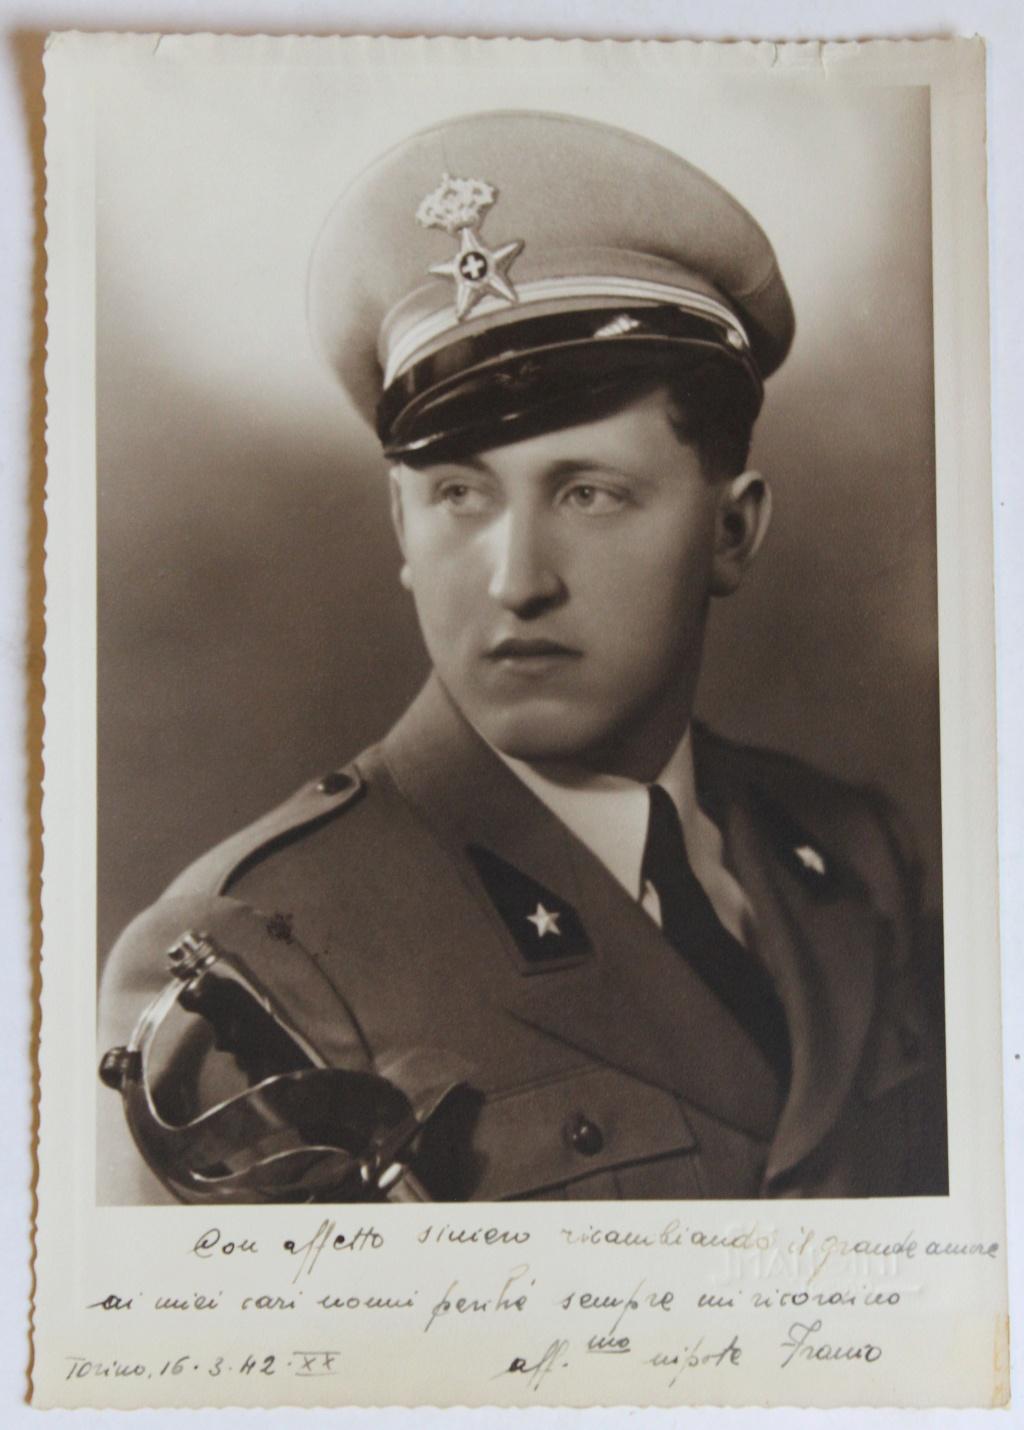 guerre 39-45 soldat Italien Img_0212